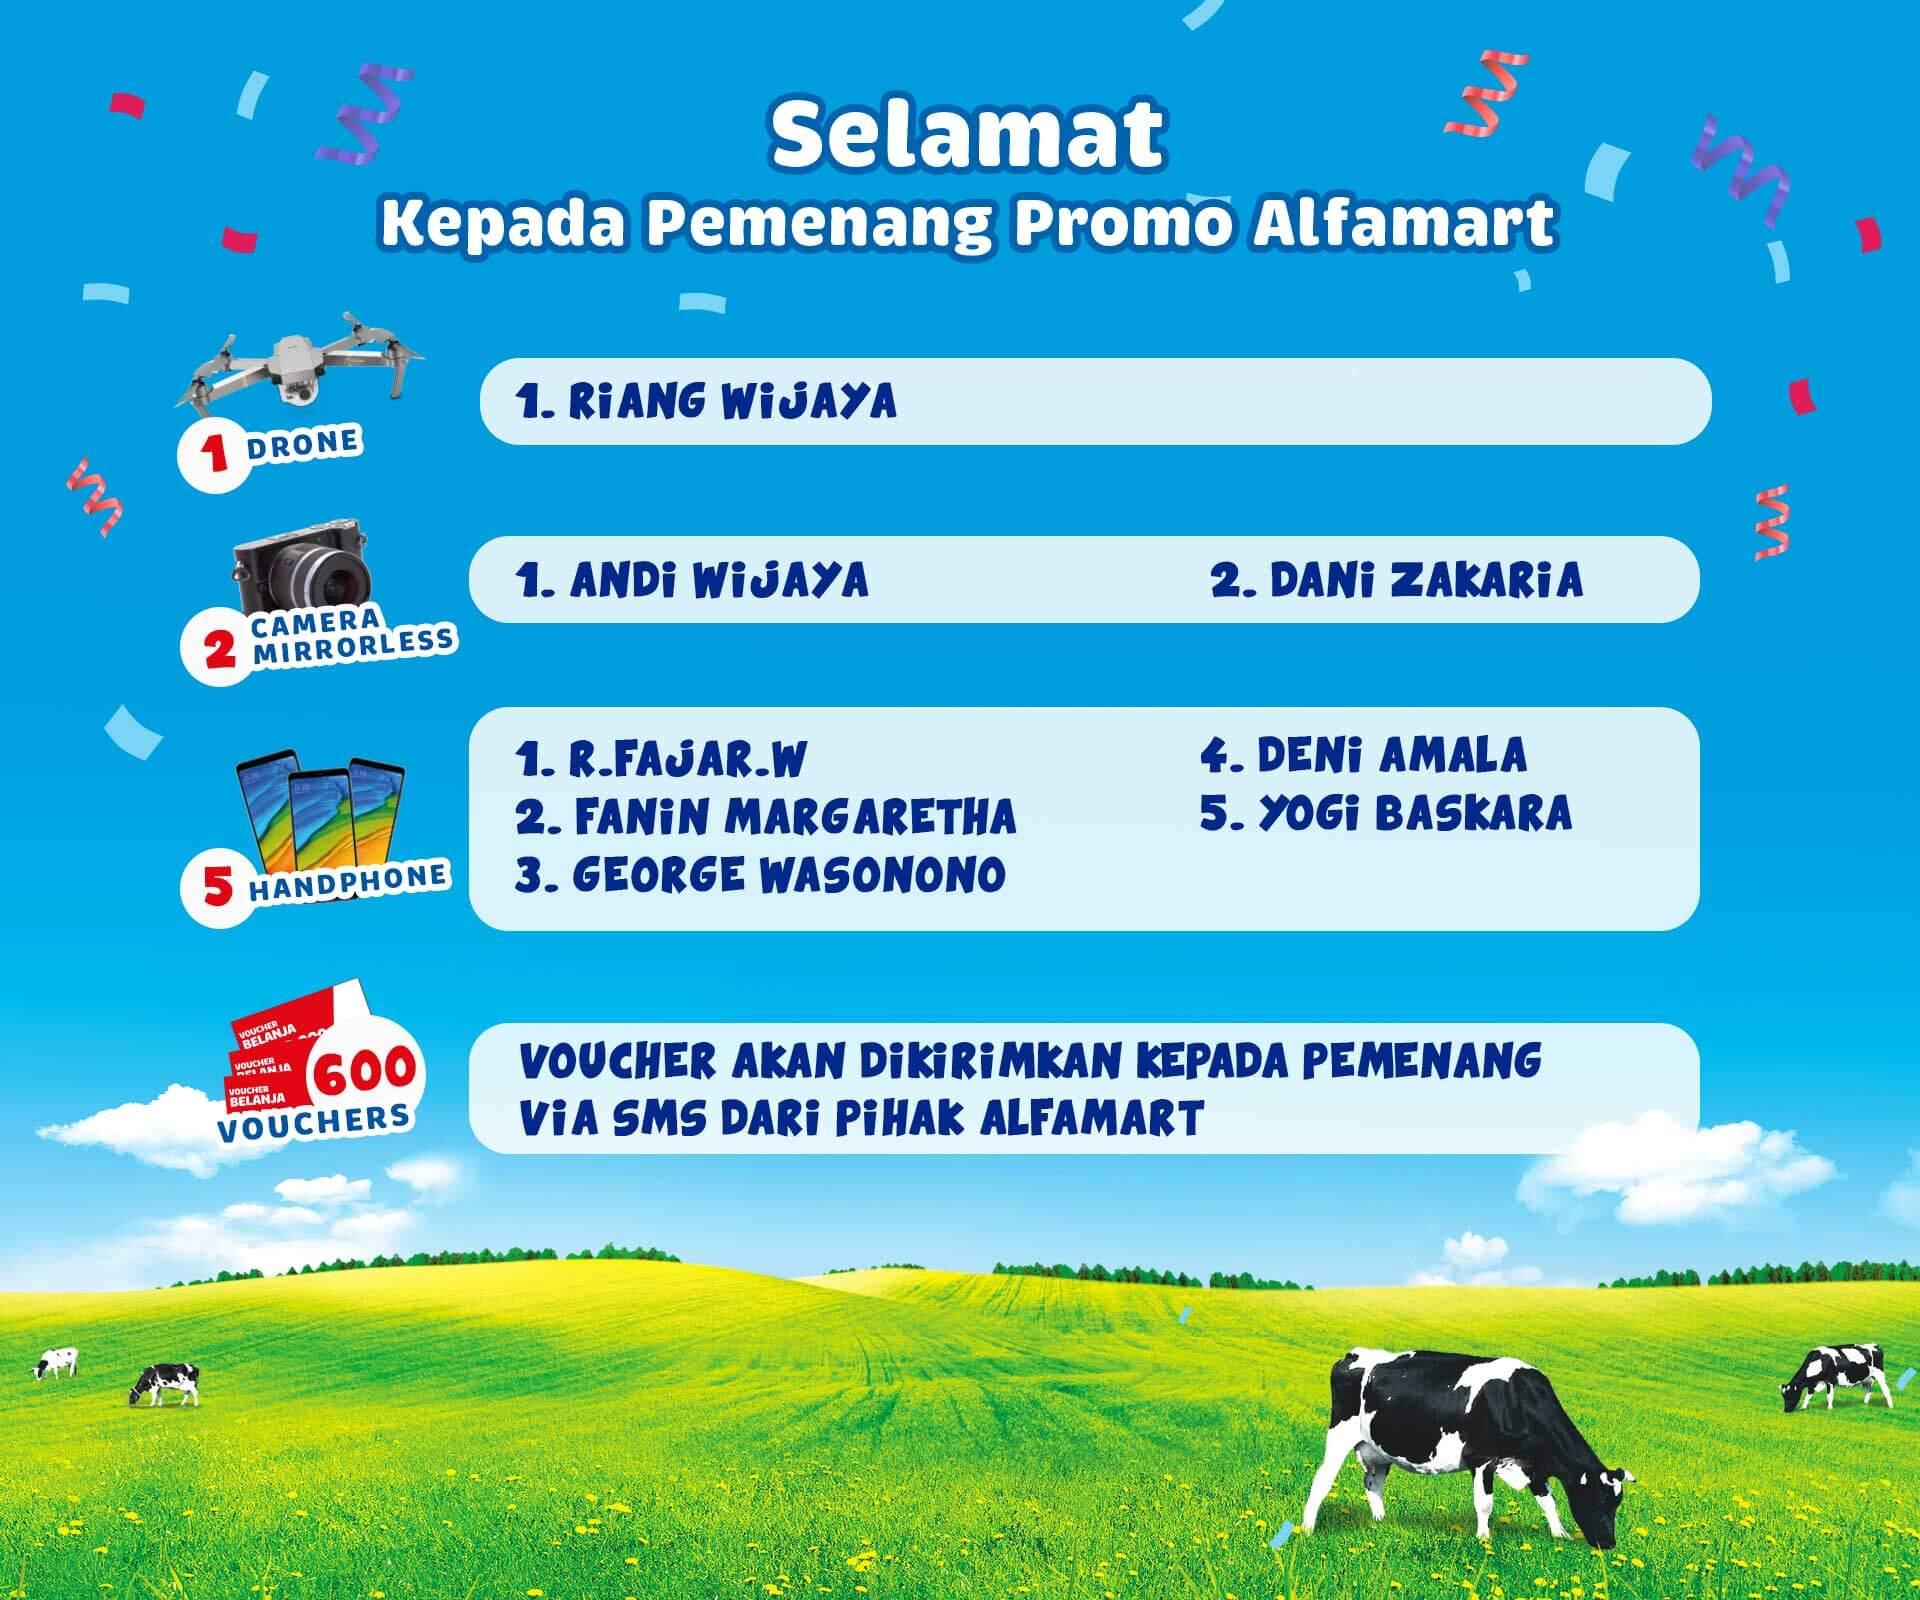 Daftar Pemenang Promo Alfamart